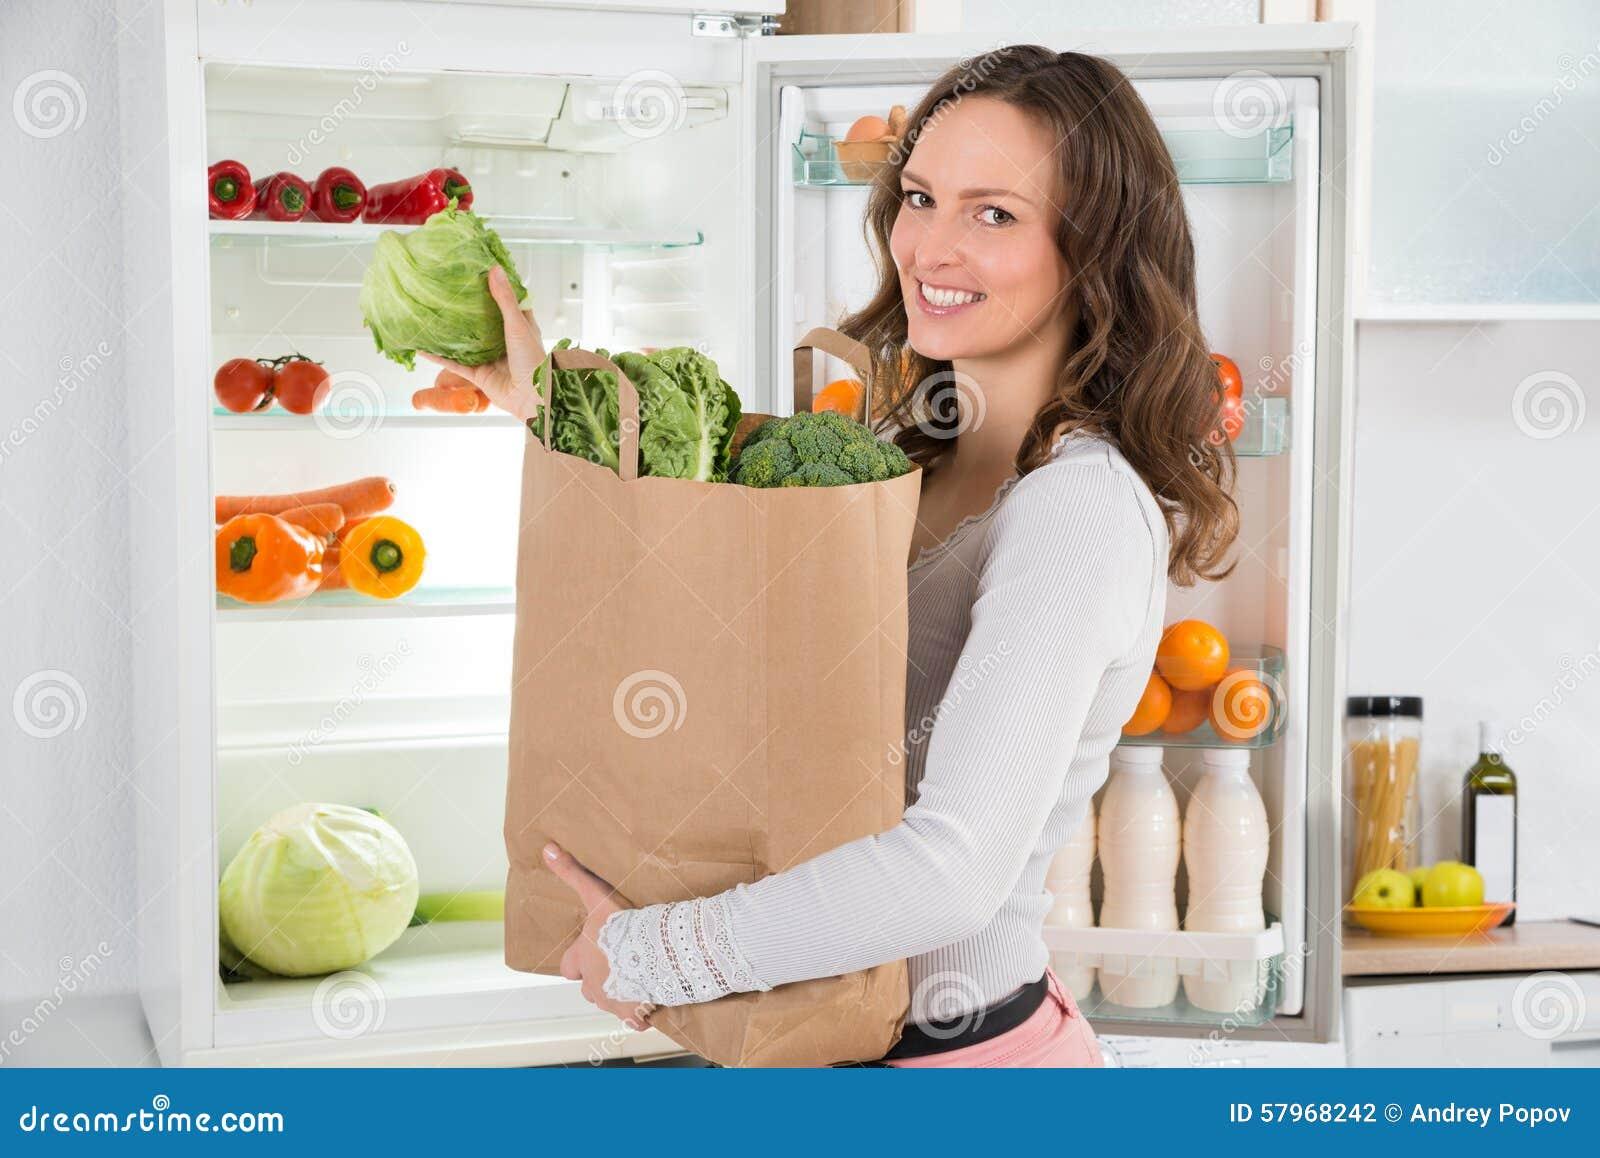 Frau, die Einkaufstasche mit Gemüse hält